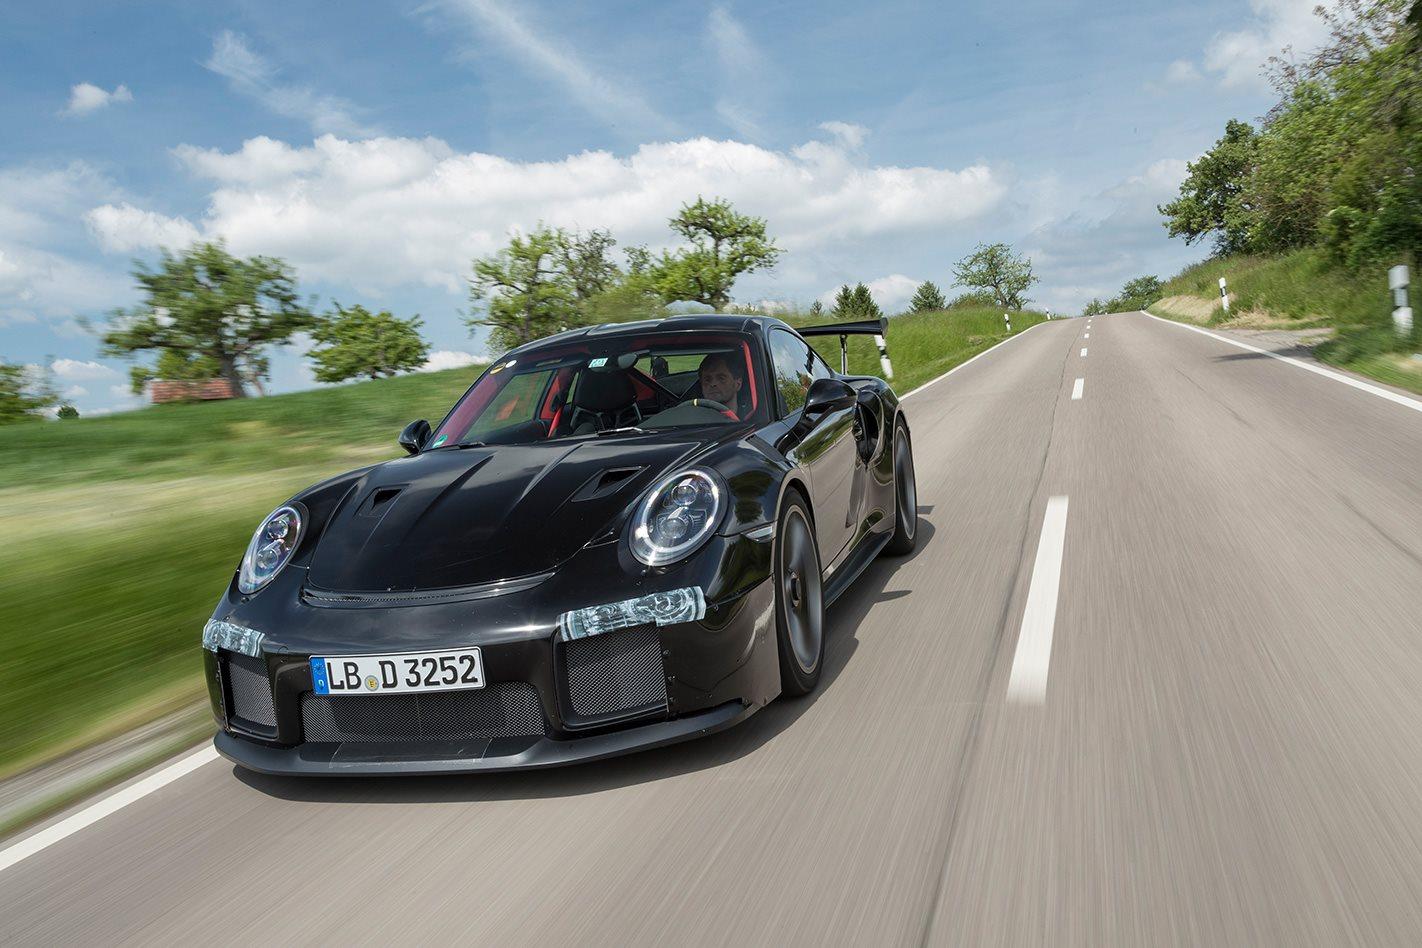 2018 Porsche 911 GT2 RS front facing.jpg